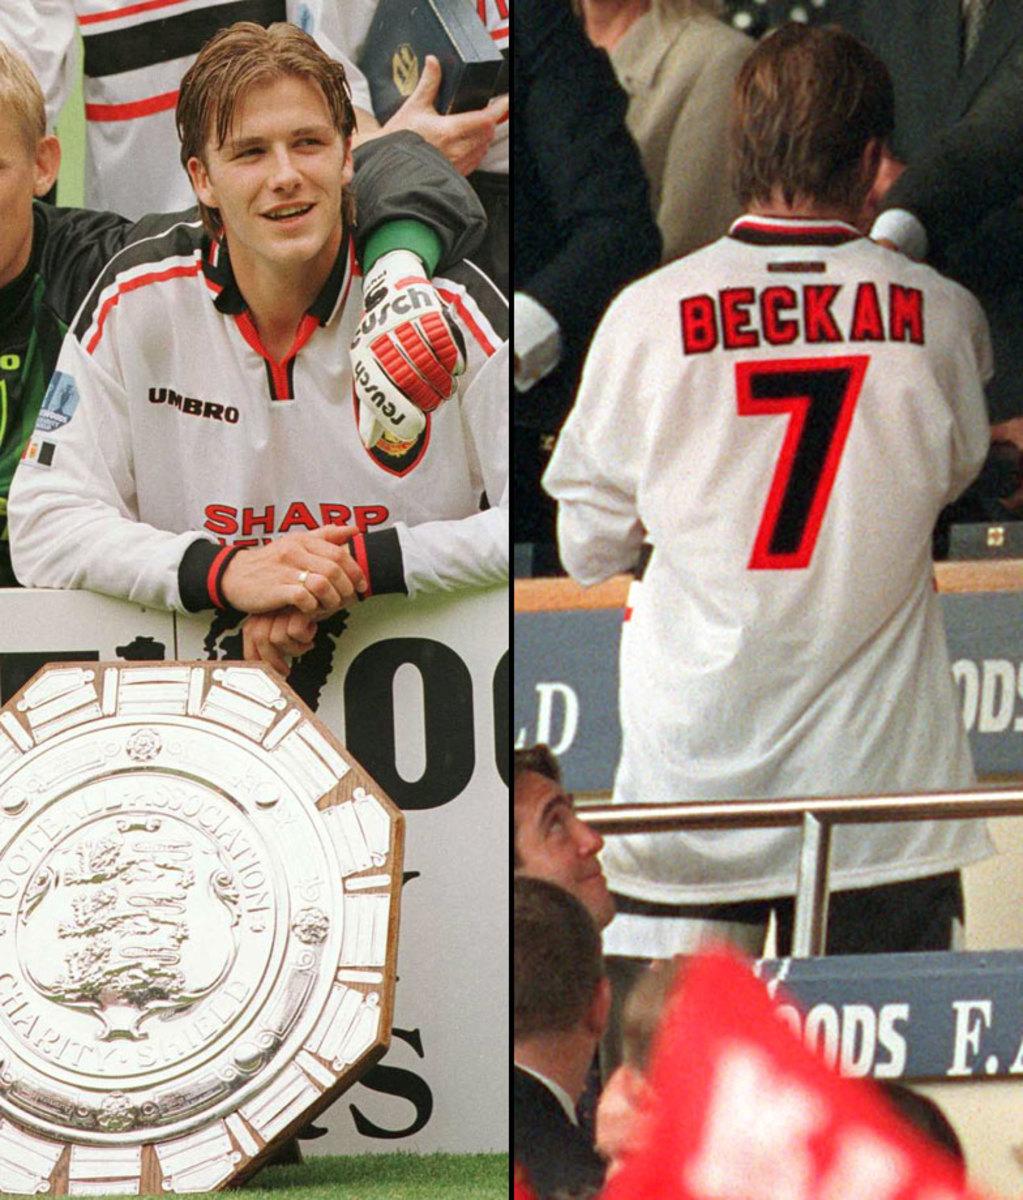 David-Beckham-BECKAM-jersey.jpg